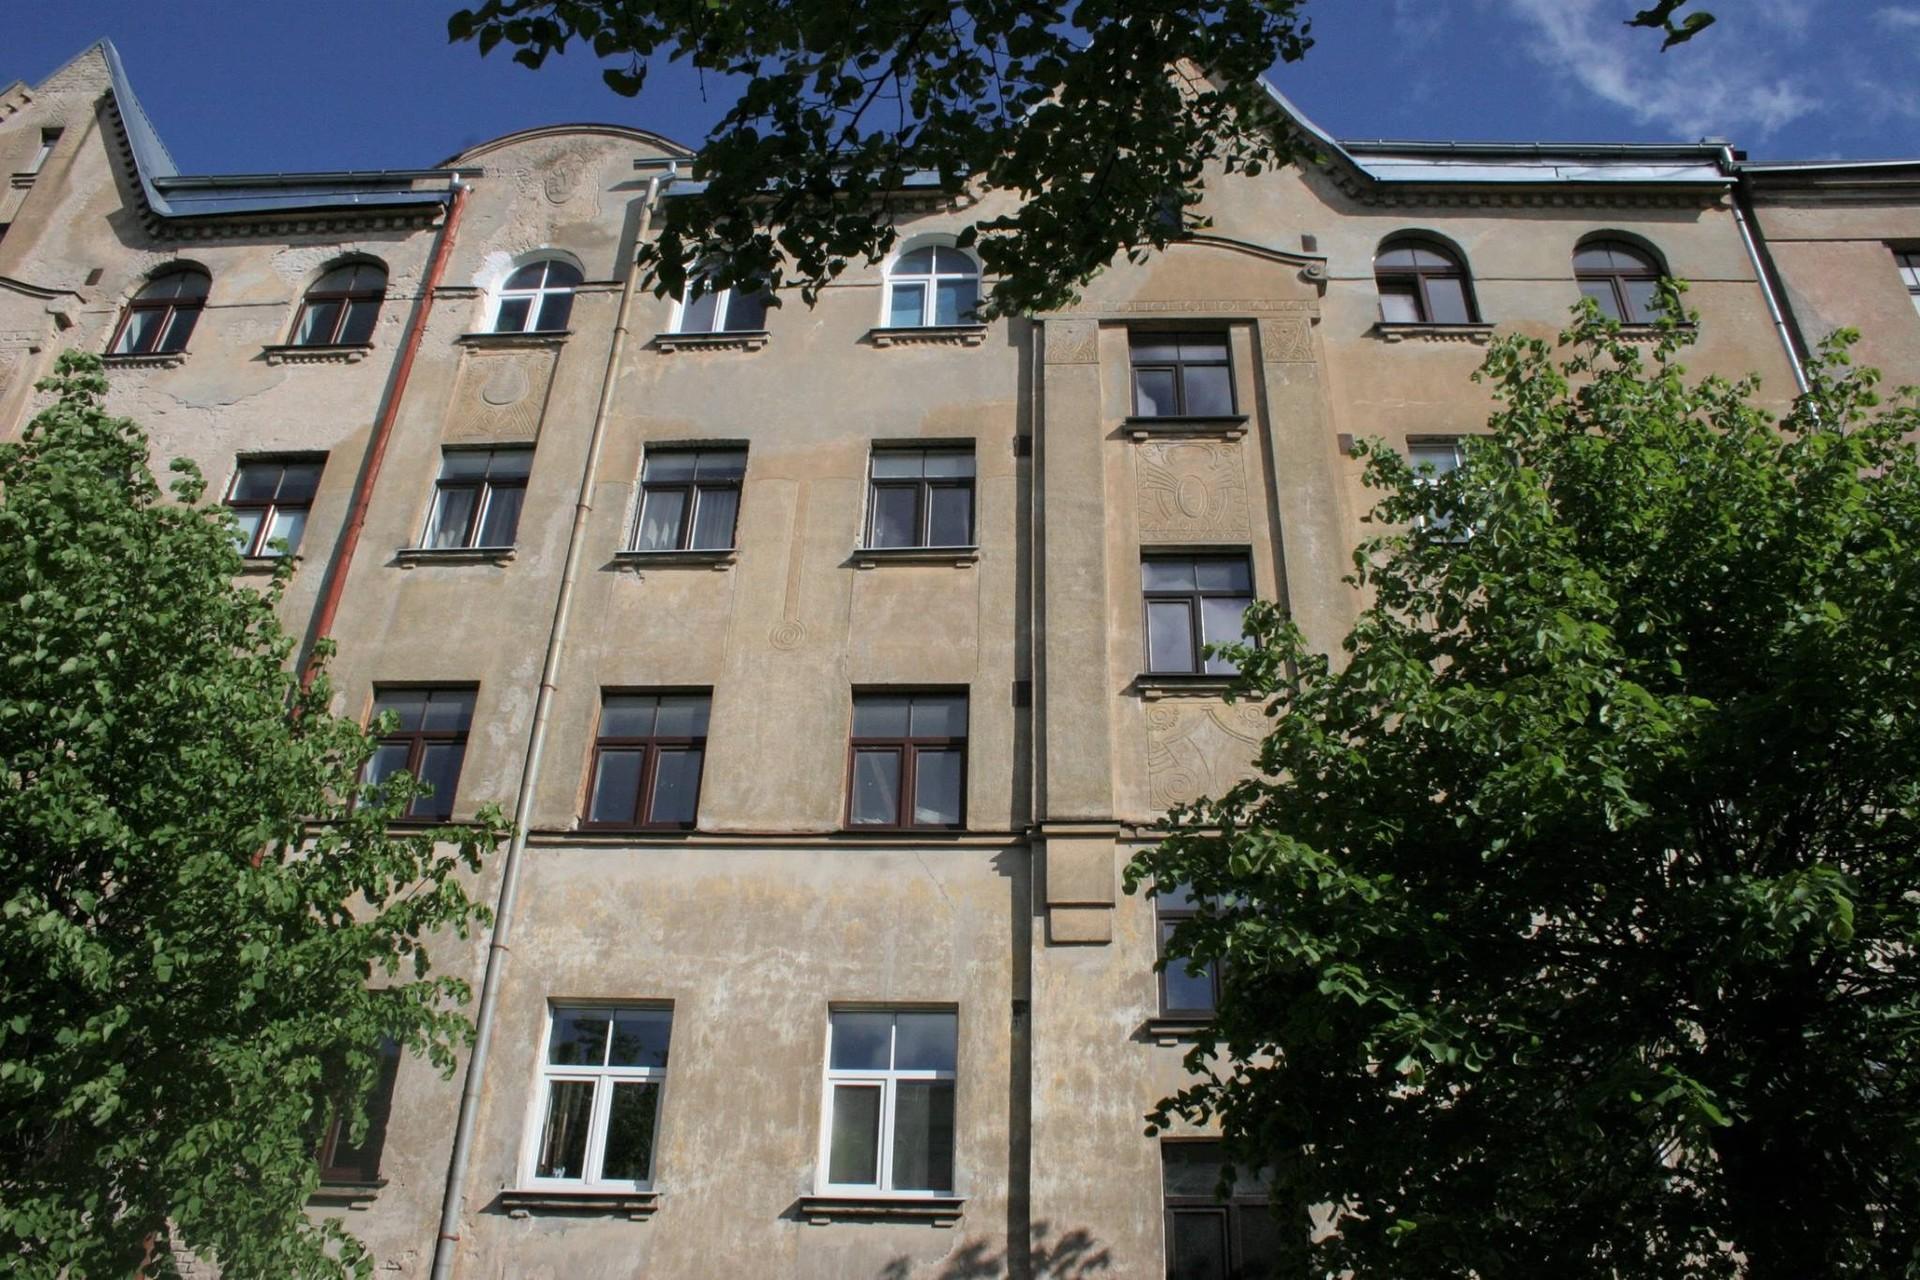 cozy-comfortable-1br-apartment-7e991251a9e69a271b830595c0f2cdfe